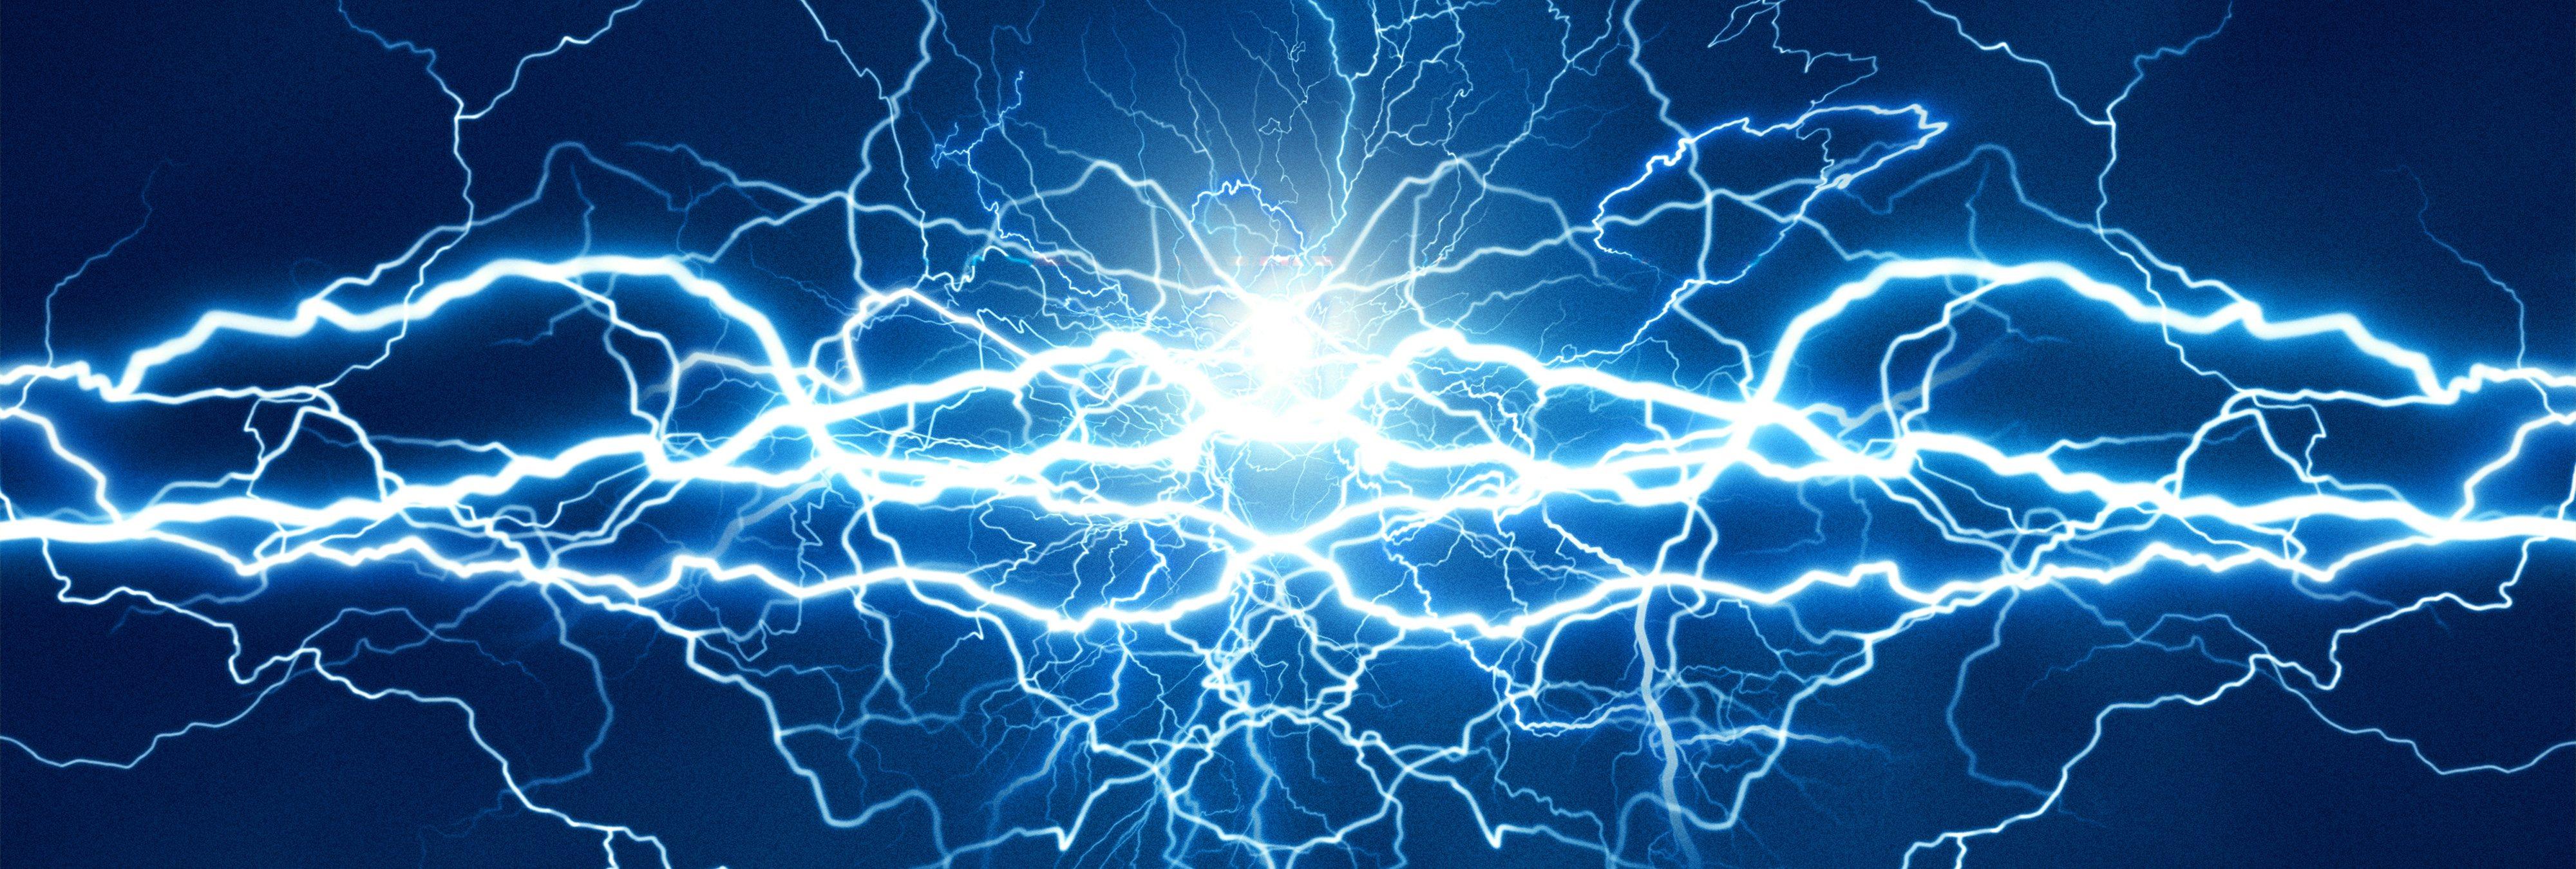 Salva su vida de milagro al desconectar la luz mientras se estaba muriendo electrocutado